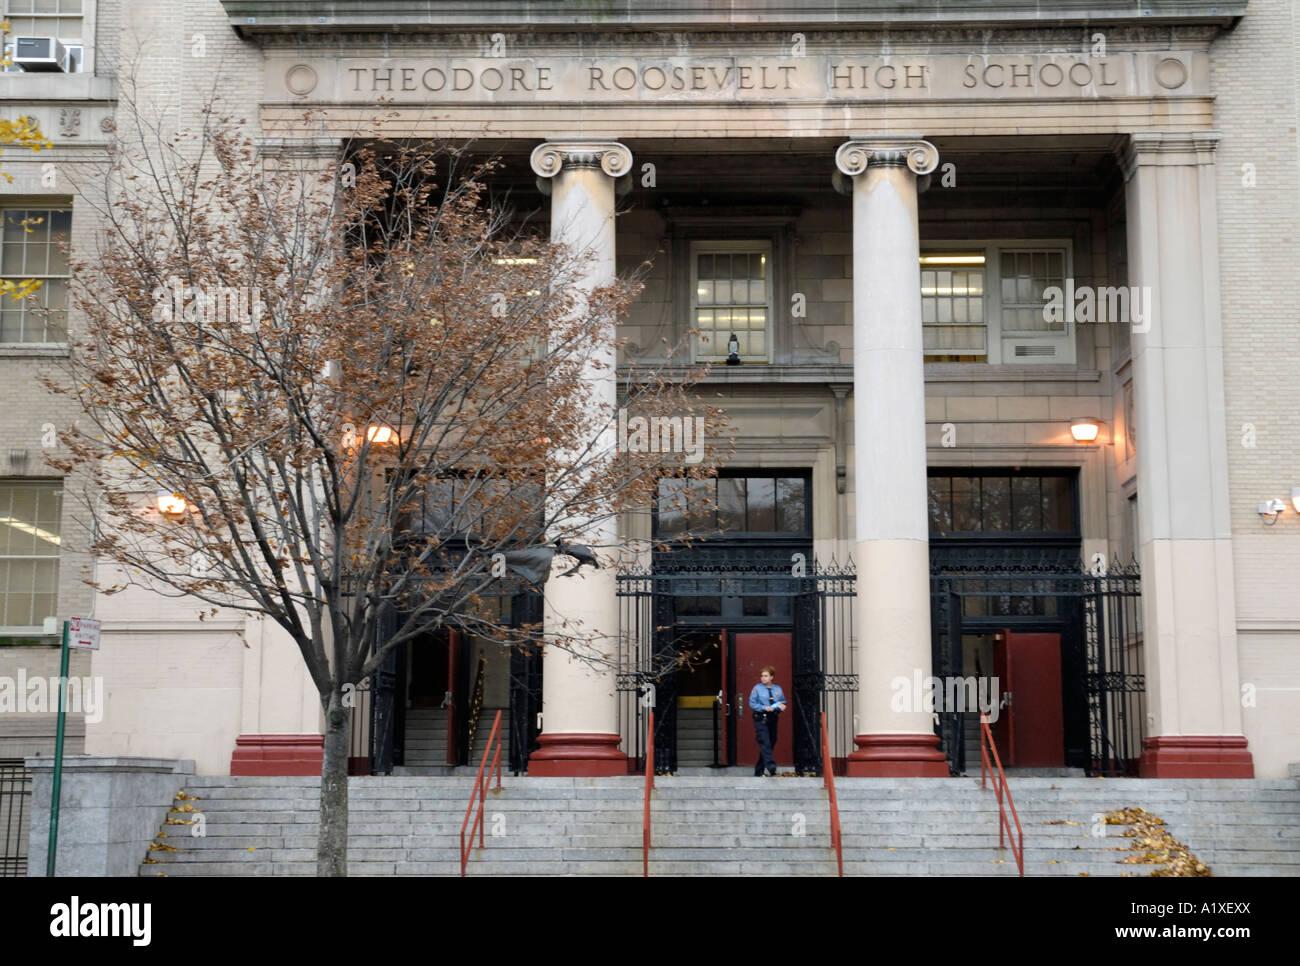 Vorderansicht Der Theodore Roosevelt High School In New York Bronx